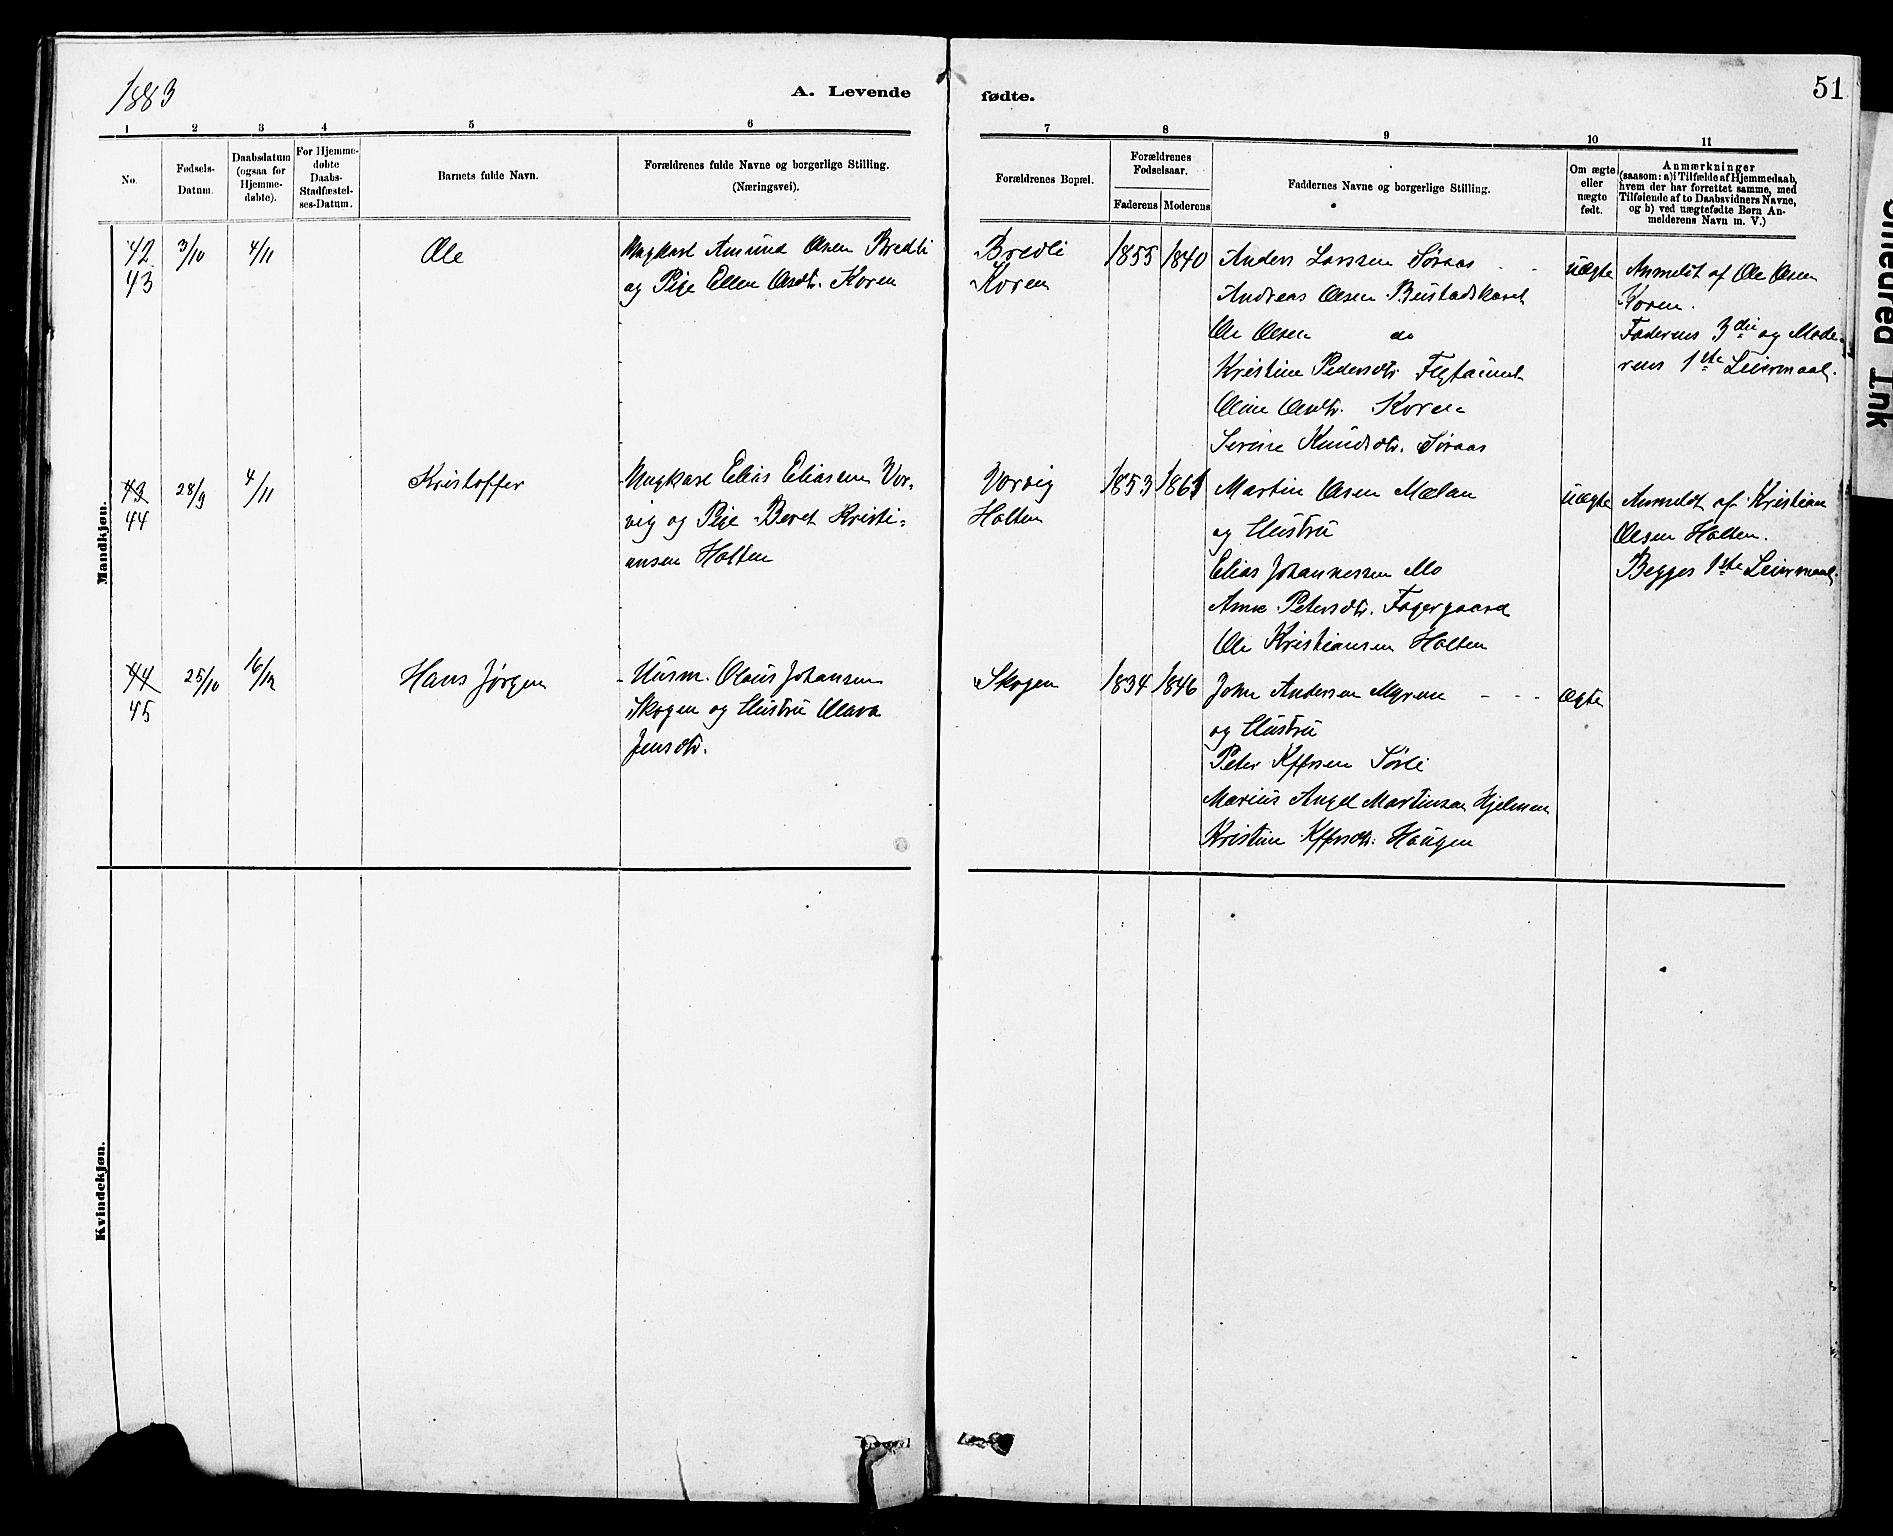 SAT, Ministerialprotokoller, klokkerbøker og fødselsregistre - Sør-Trøndelag, 647/L0636: Klokkerbok nr. 647C01, 1881-1884, s. 51